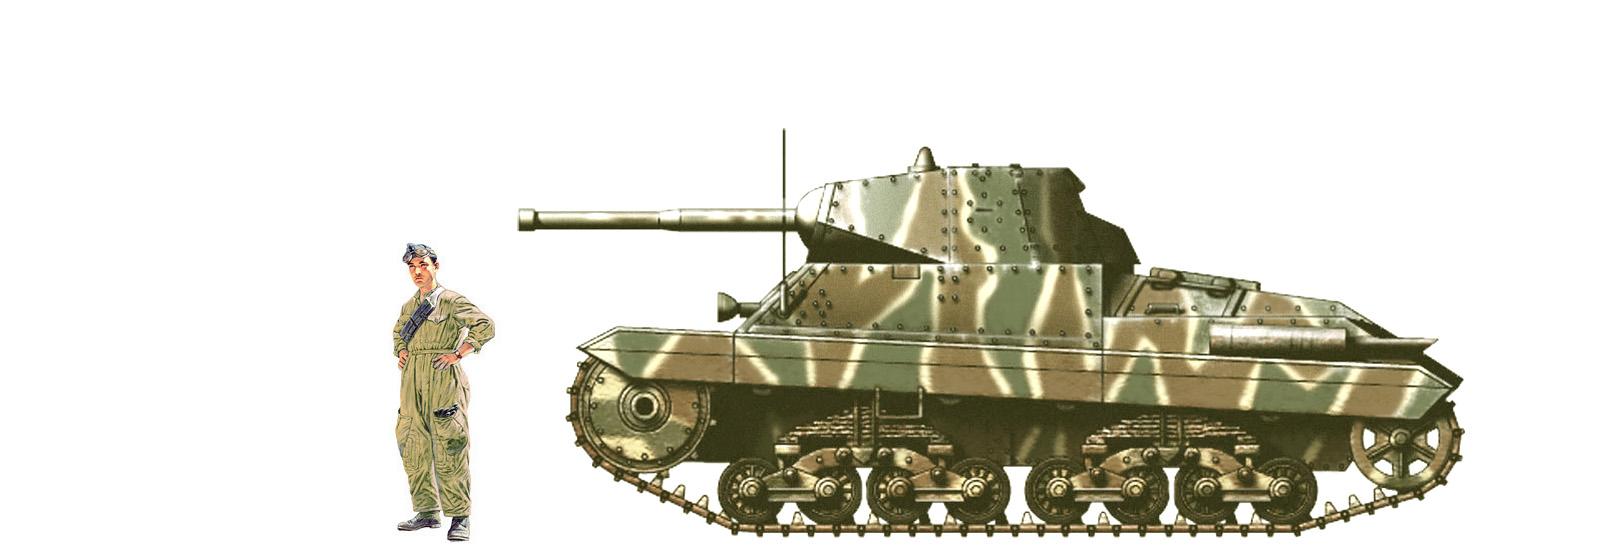 Gun Machine 20mm Cannon